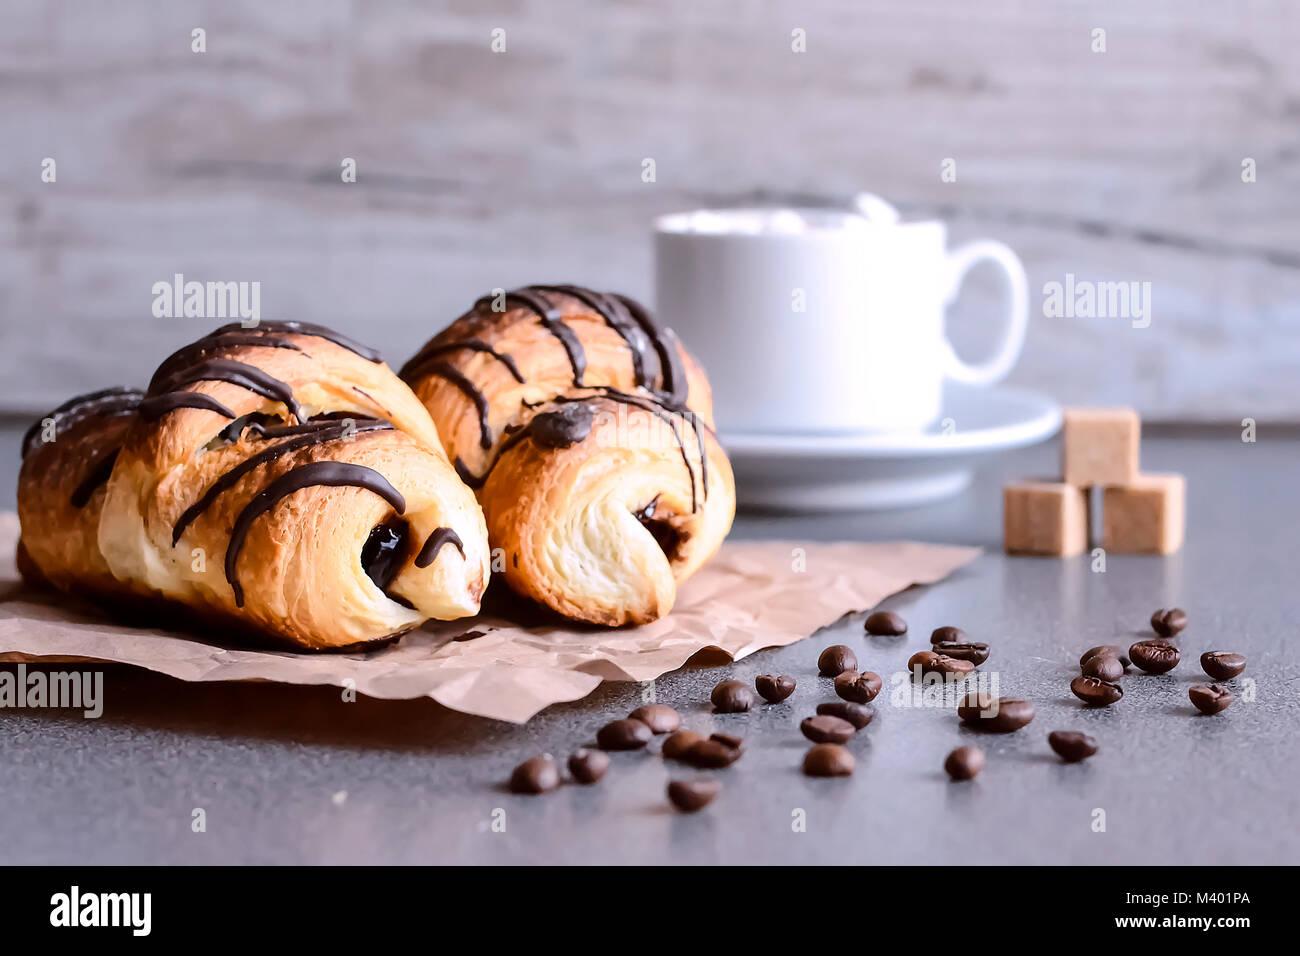 Frische Croissants mit Schokolade auf dem Tisch. Köstliche Breakfas Stockbild